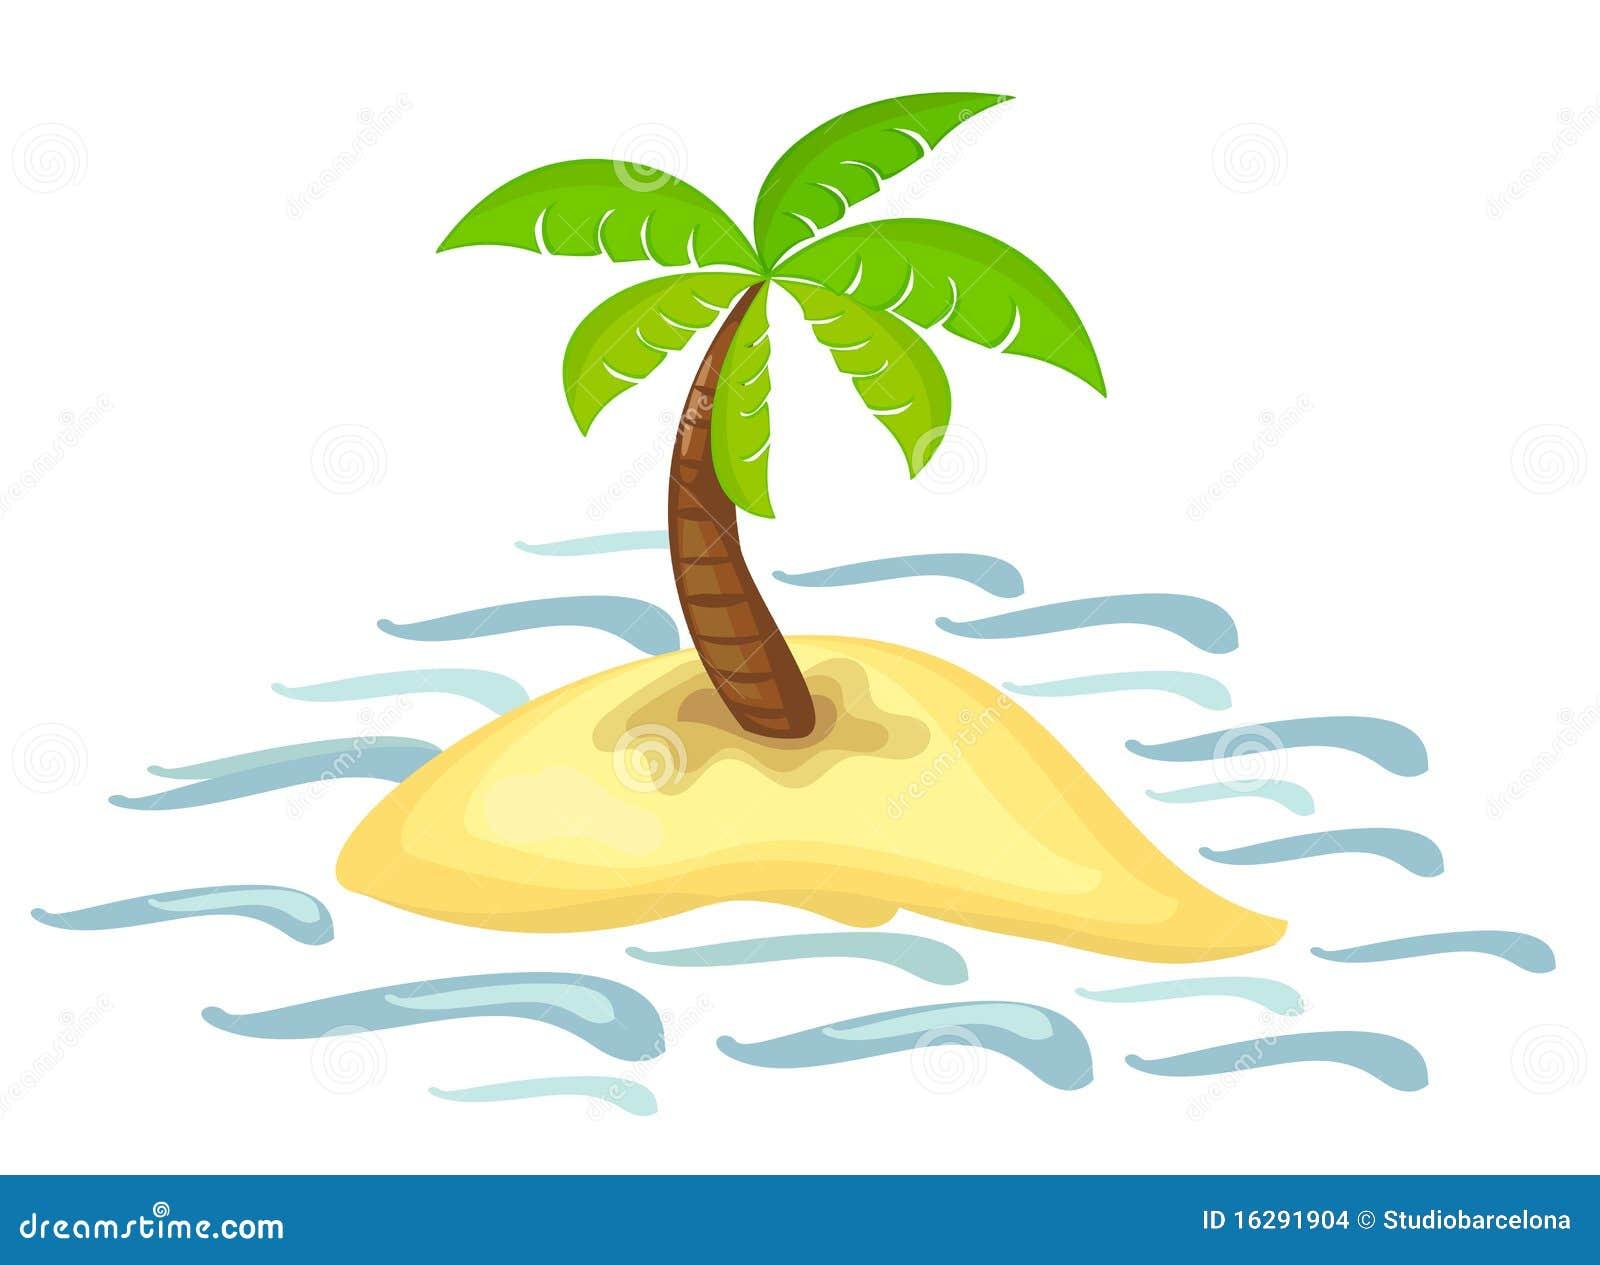 Desert island dating